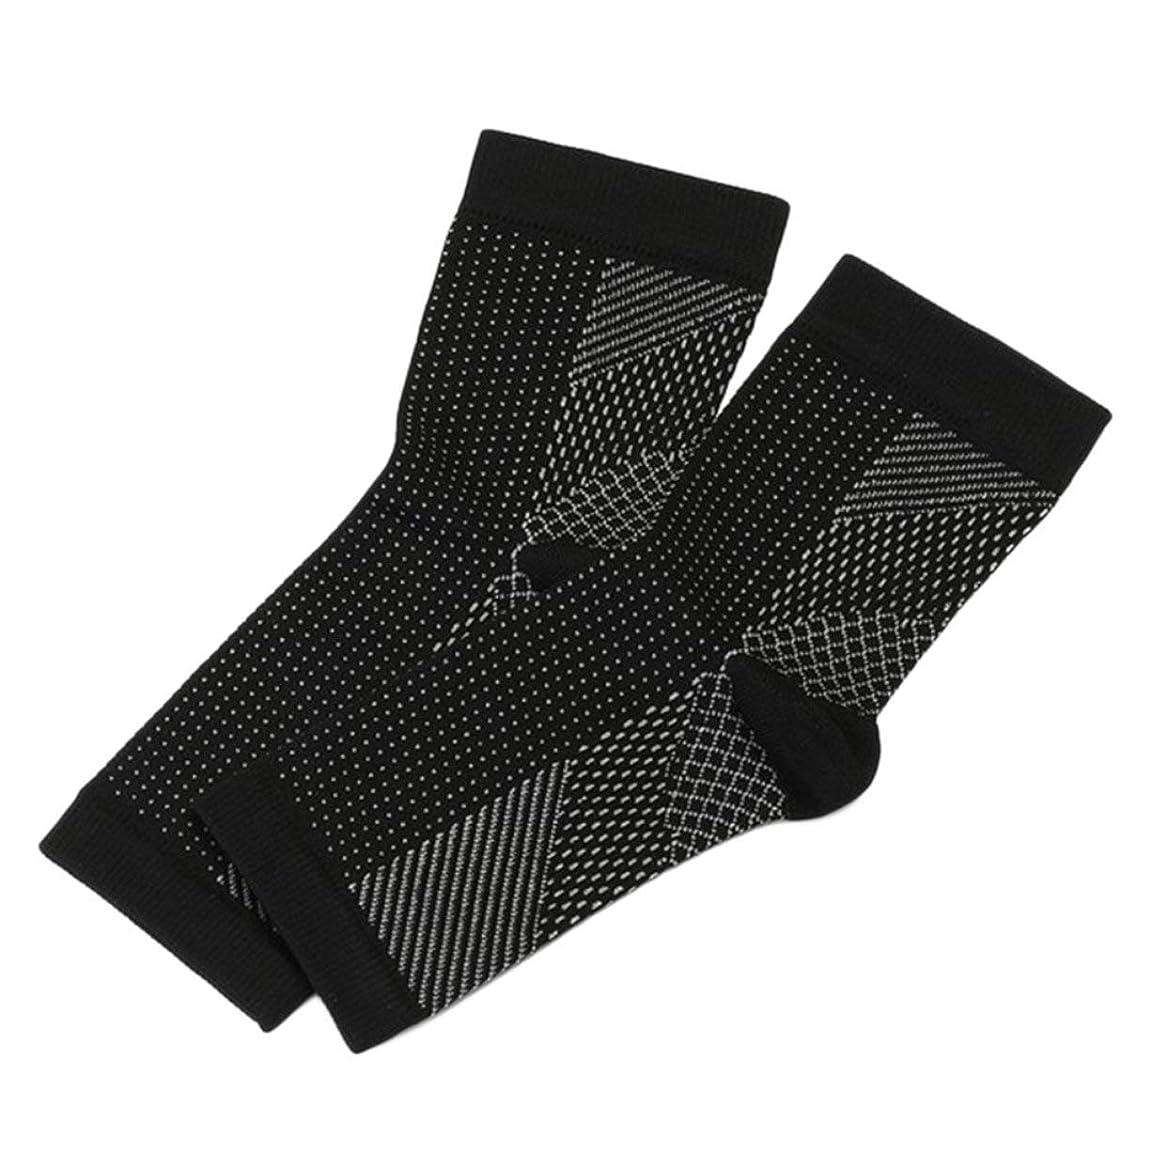 国行進状プロのスポーツフットアングル抗疲労圧縮フットスリーブユニセックス運動ランニングバスケットボール抗疲労靴下 - 黒